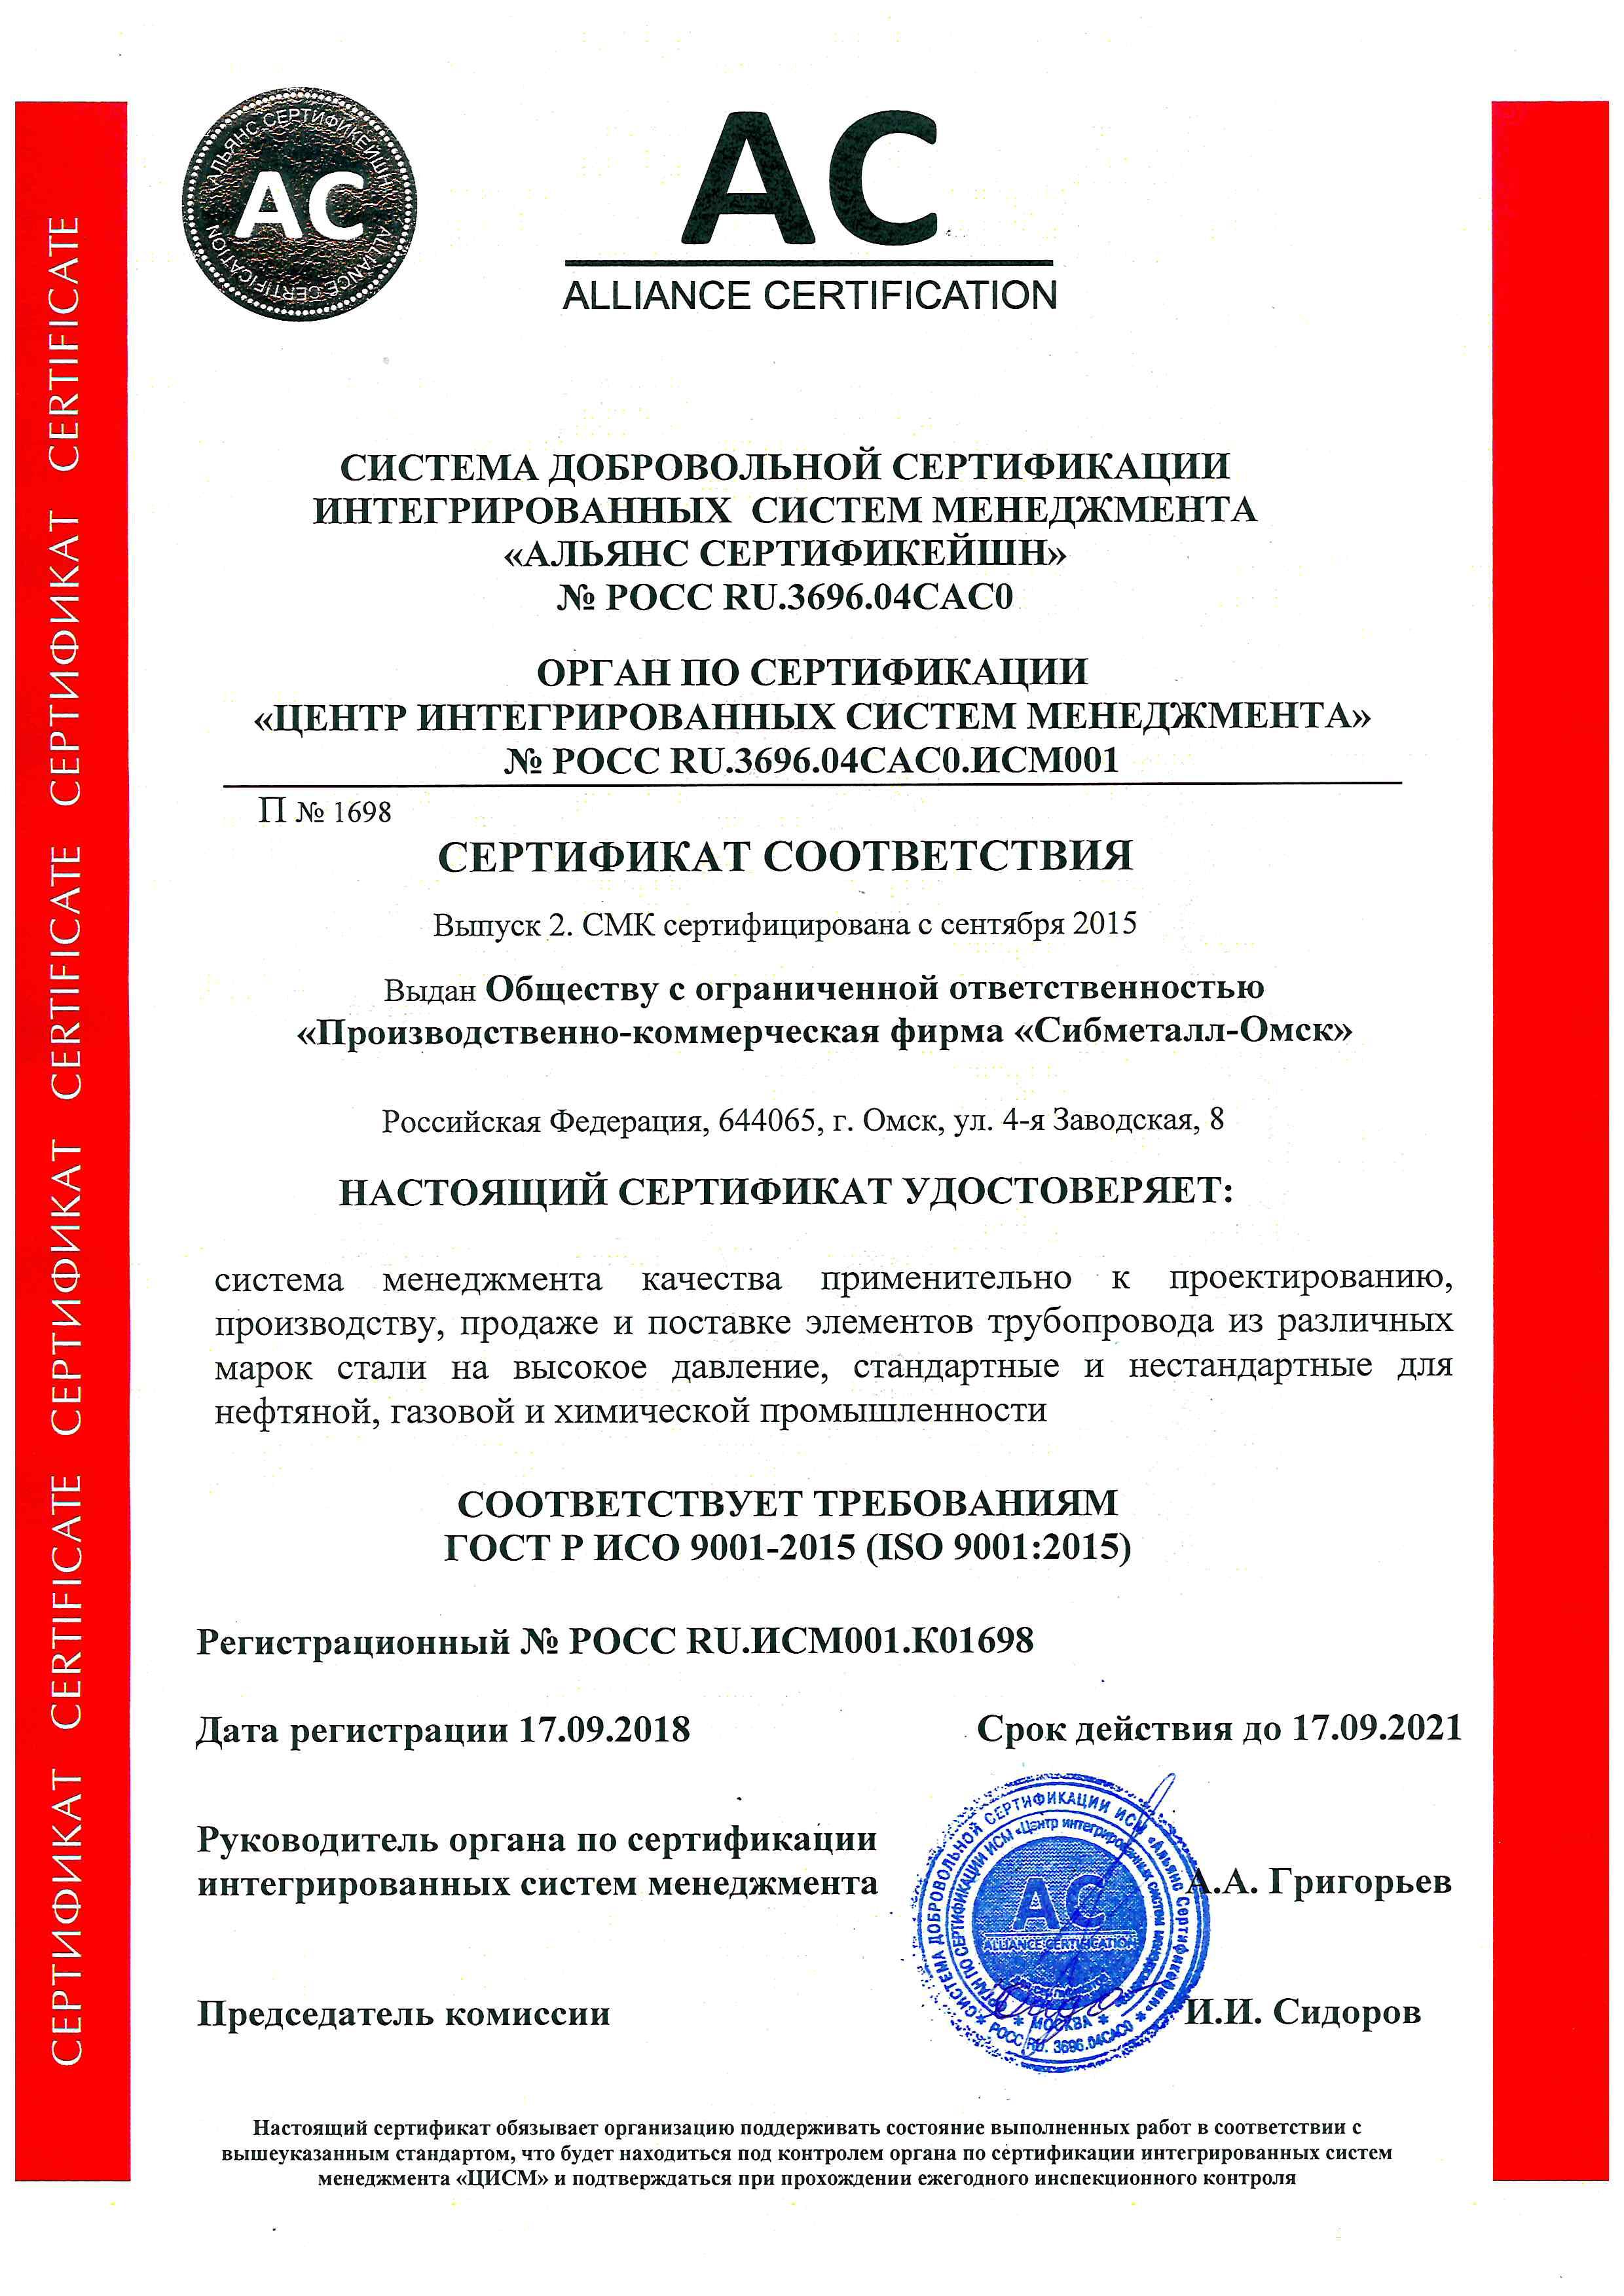 Сертификат соответствия СМК № РОСС RU.ИСМ001.К01698 от 17.09.2018 г.